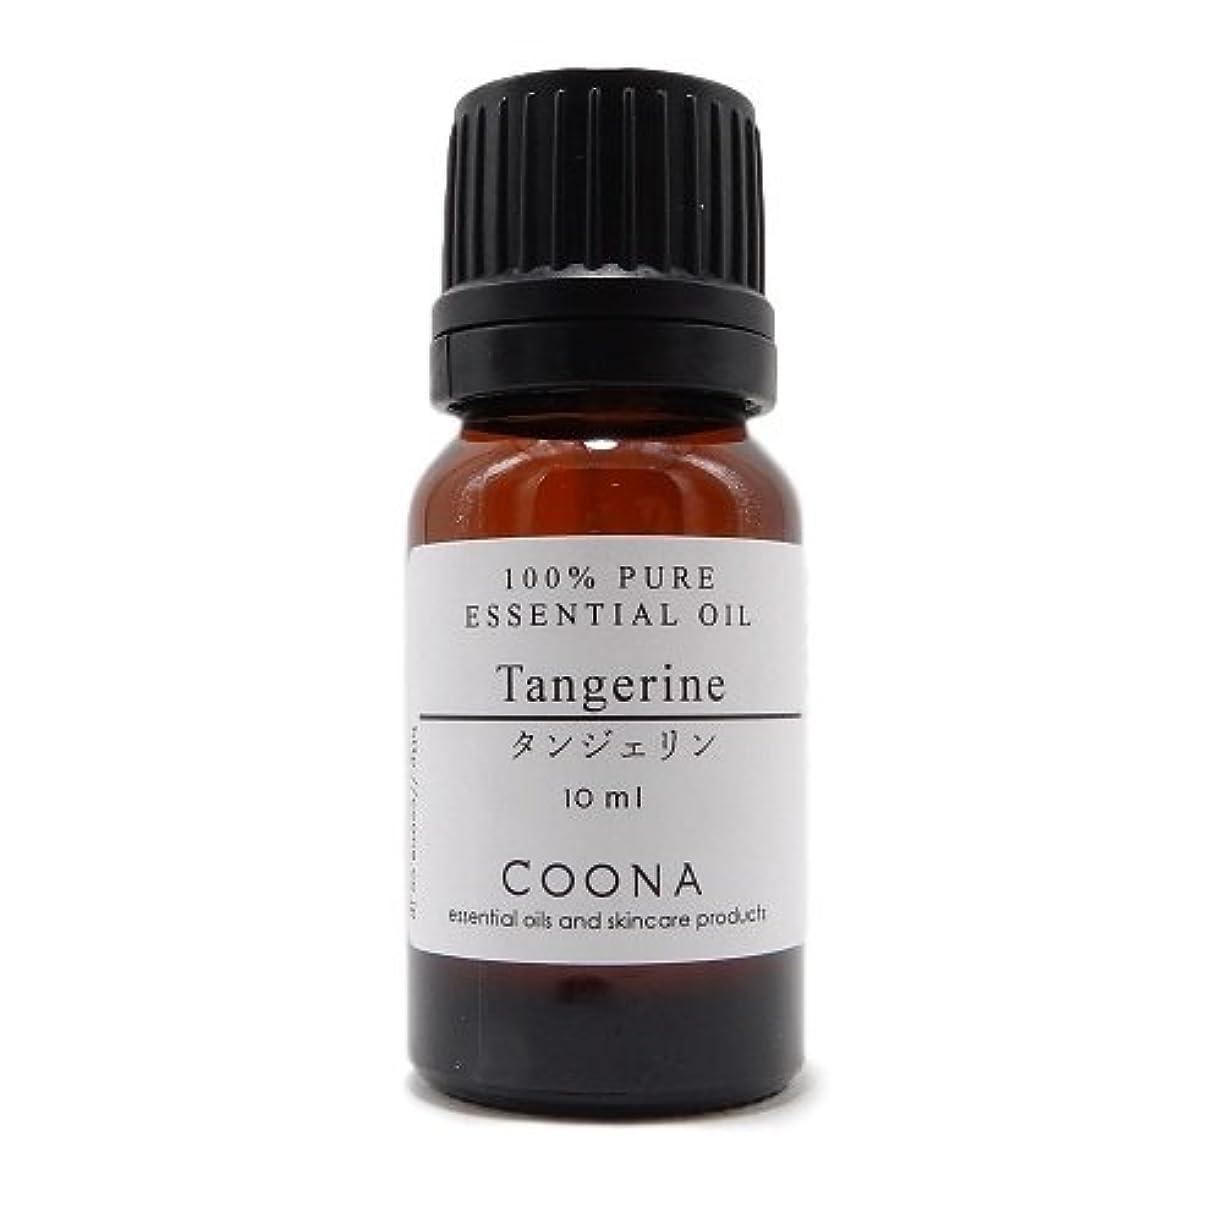 コンソール礼拝プレゼンタータンジェリン 10 ml (COONA エッセンシャルオイル アロマオイル 100%天然植物精油)